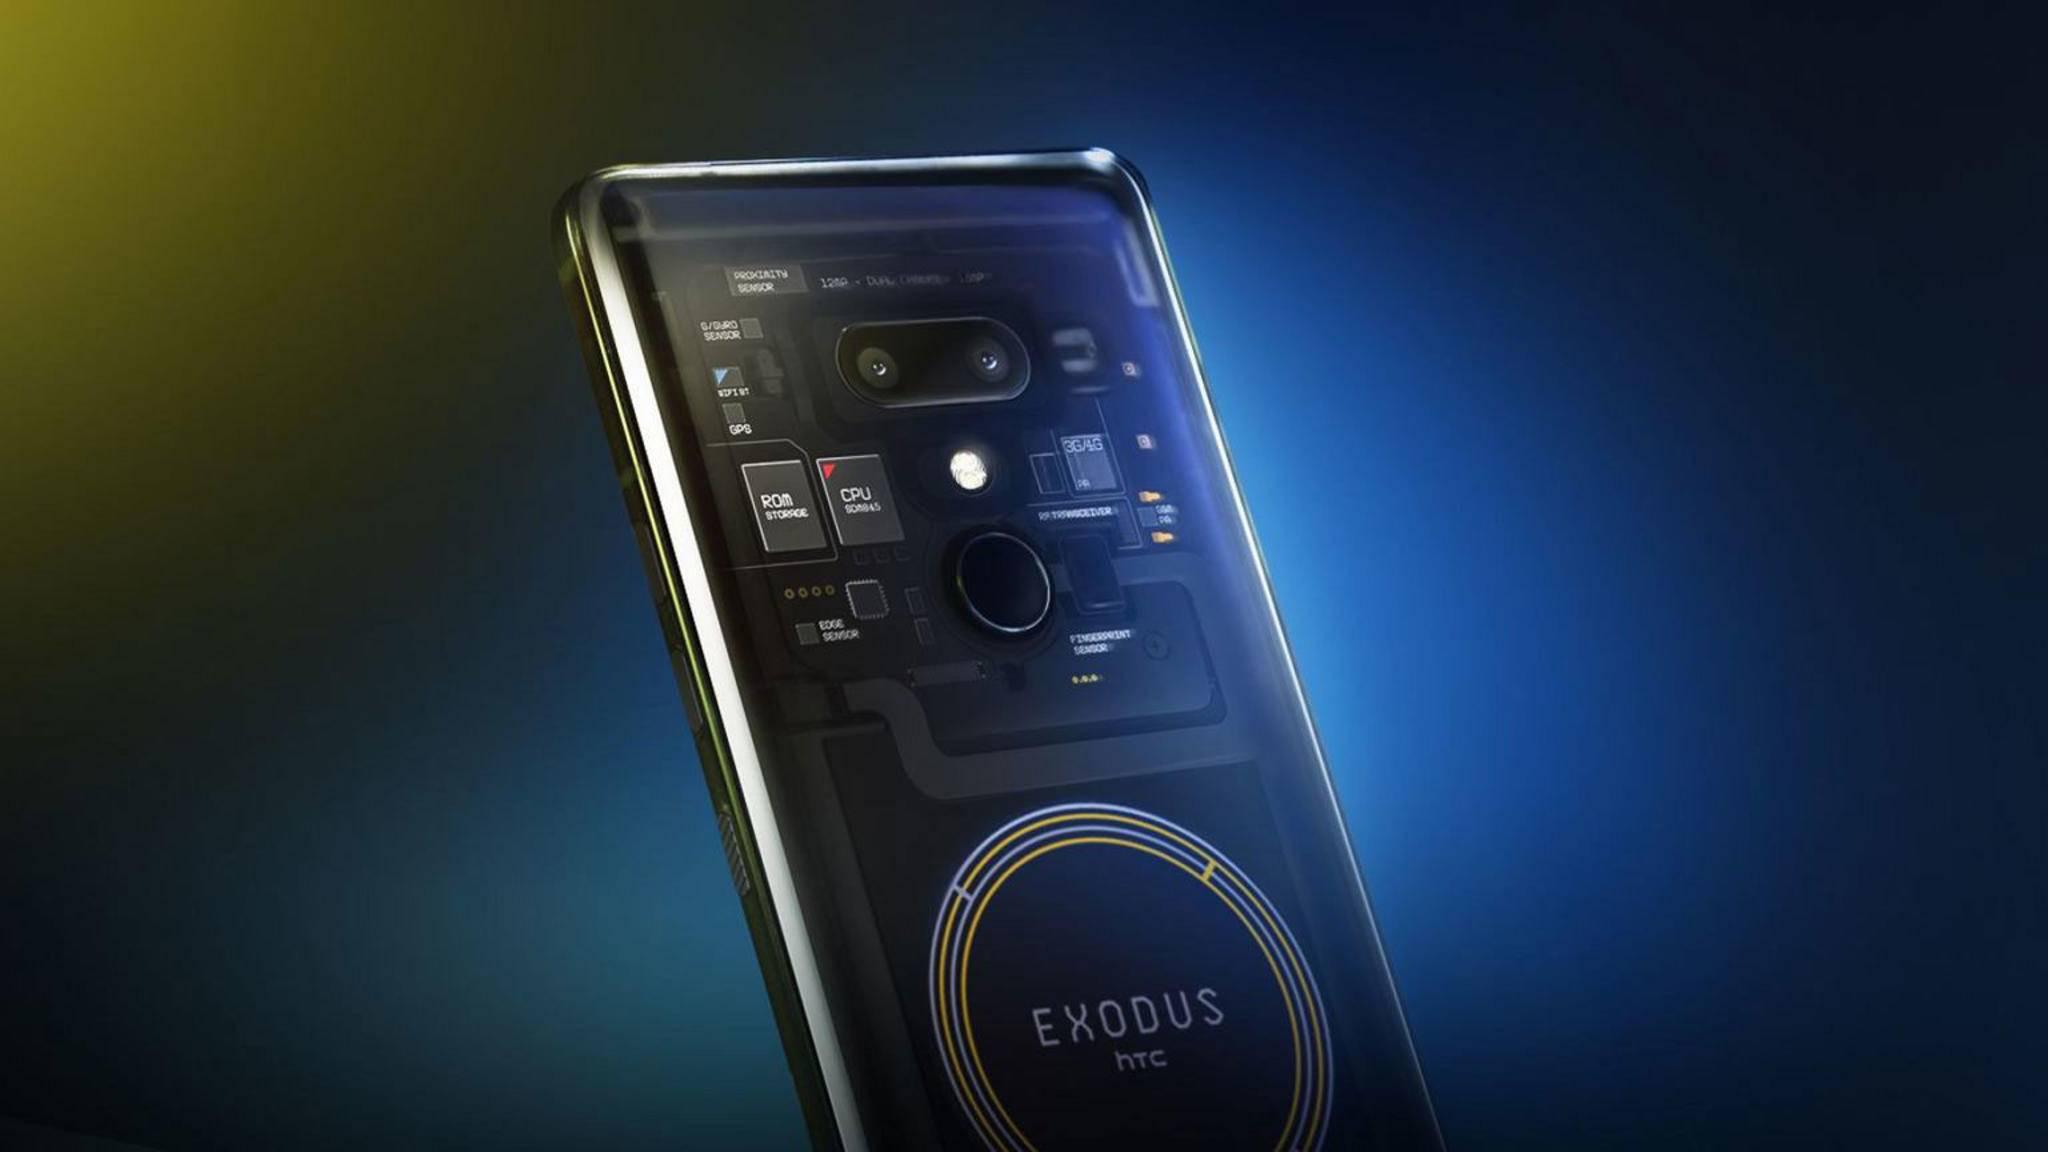 Ab März gibt es das HTC Exodus 1 für rund 700 US-Dollar zu kaufen.